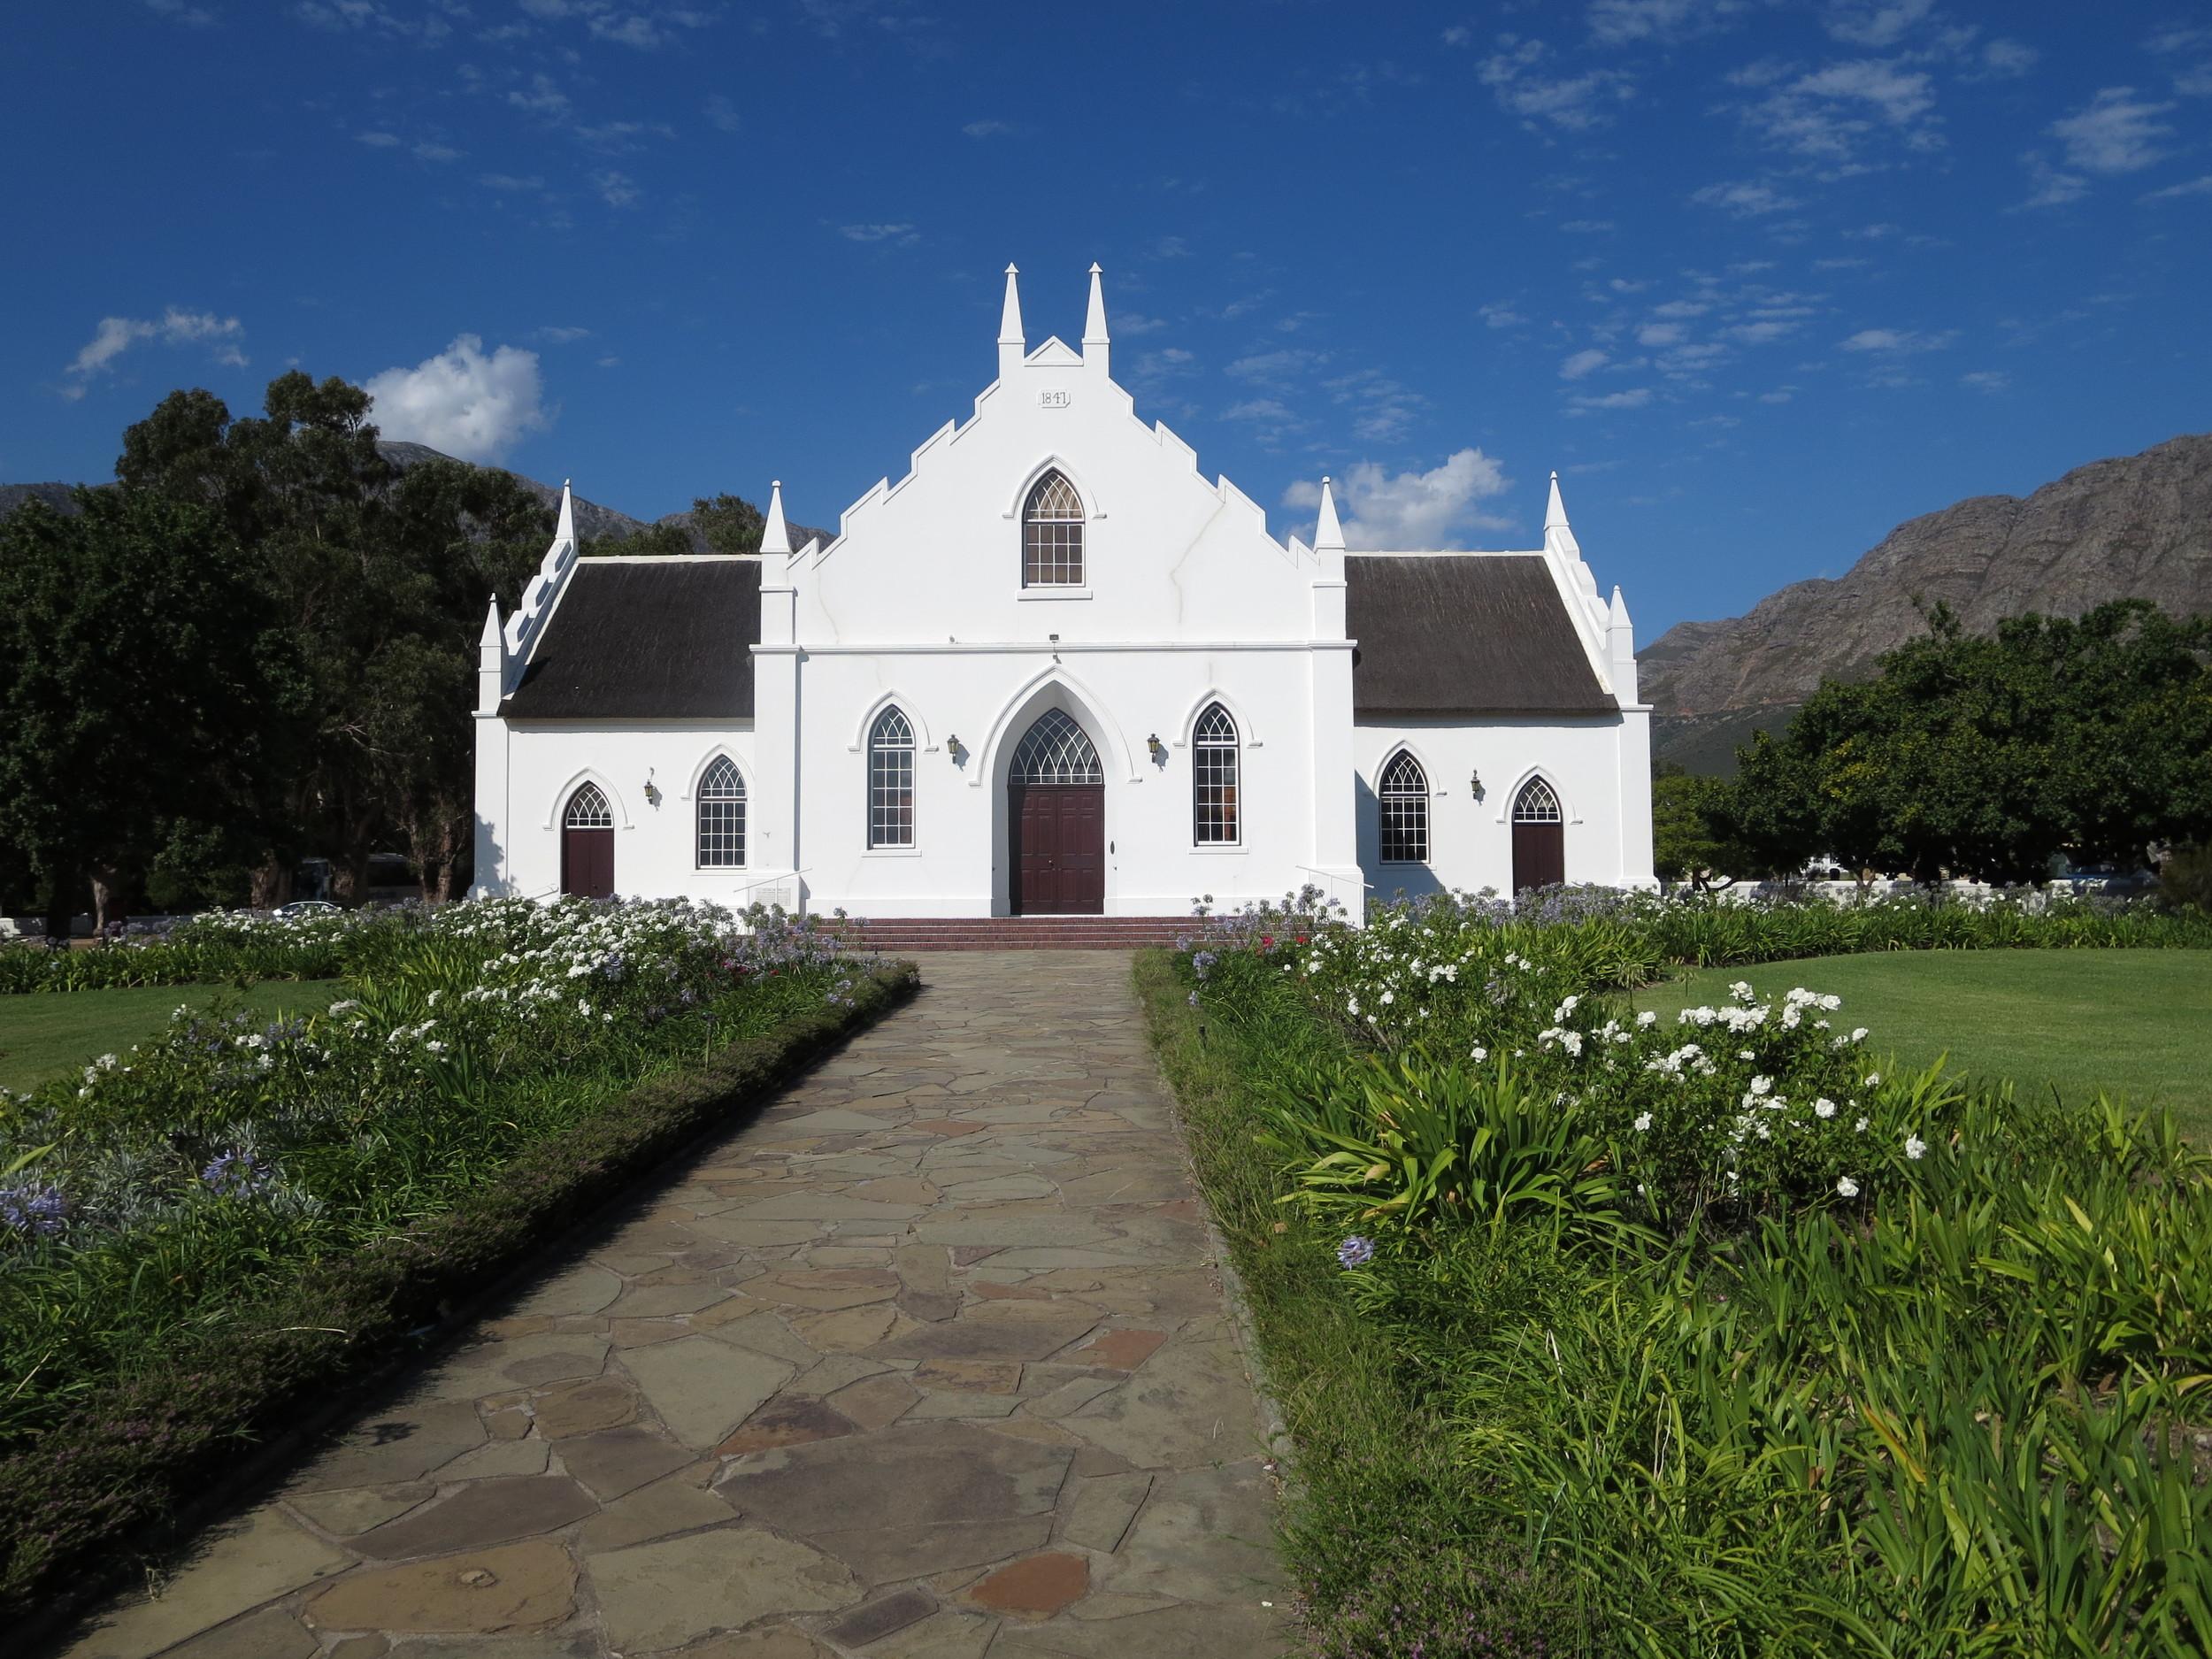 A church in Franschhoek